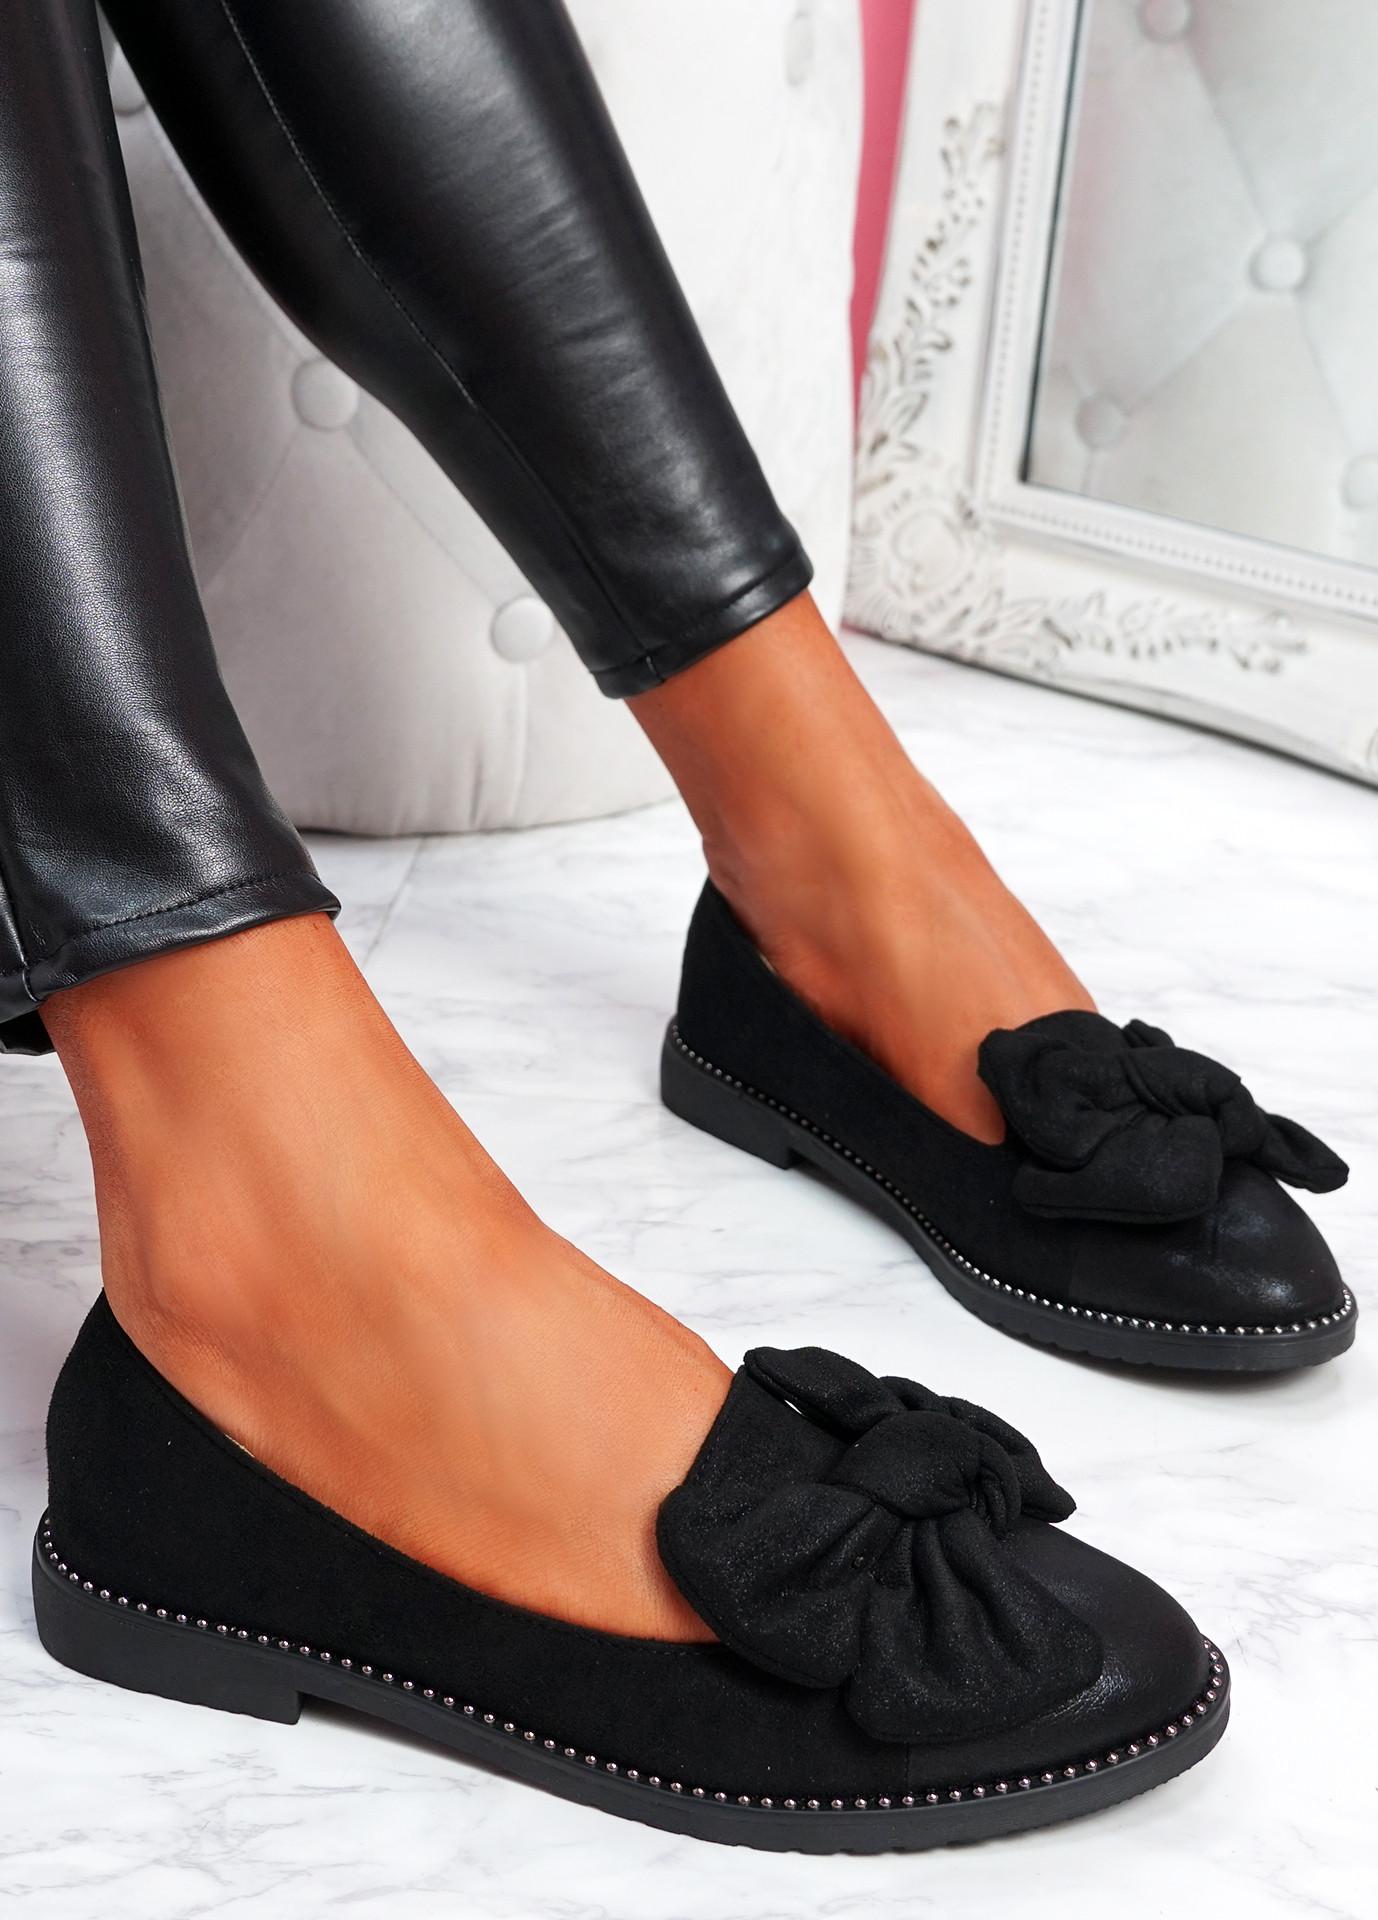 Joppa Black Ballerinas